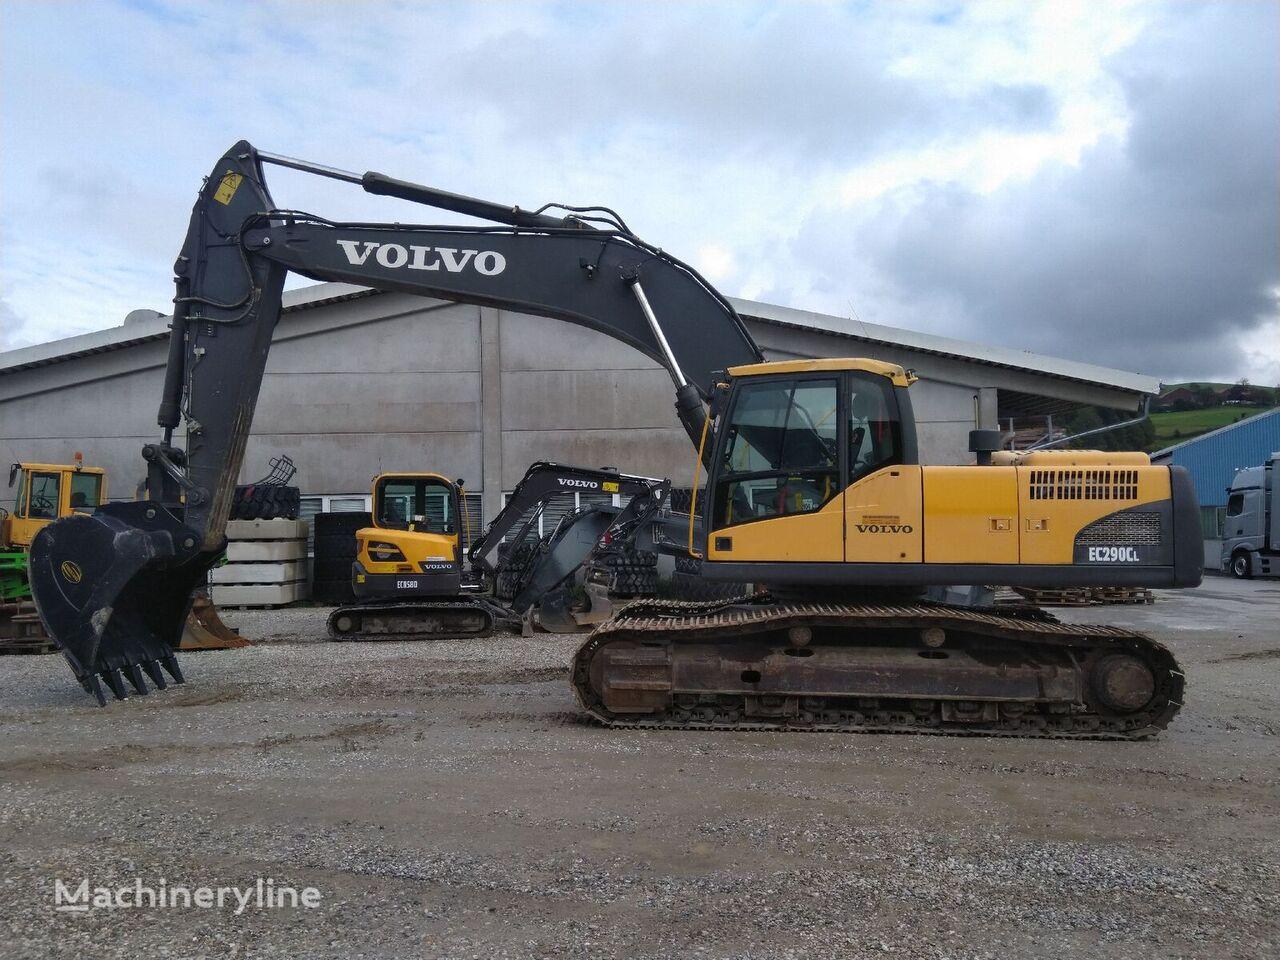 VOLVO EC290CL tracked excavator